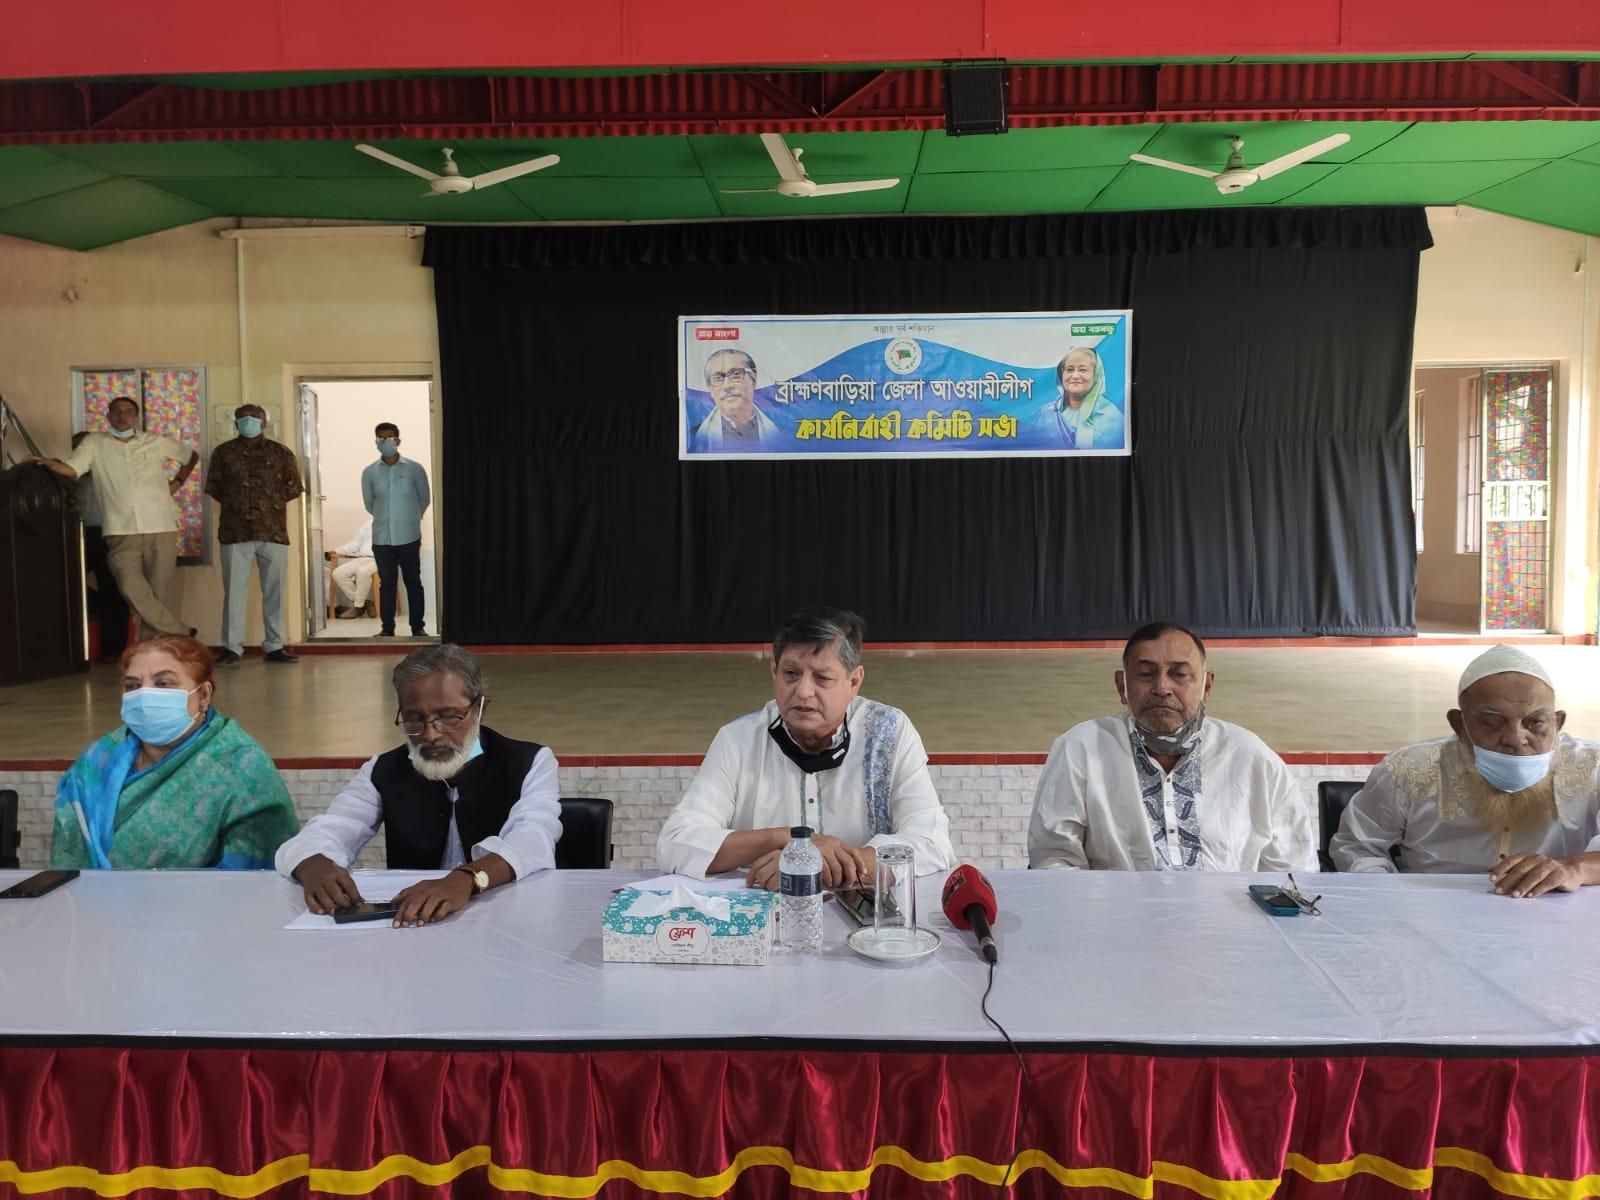 ব্রাহ্মণবাড়িয়া জেলা আওয়ামী লীগ